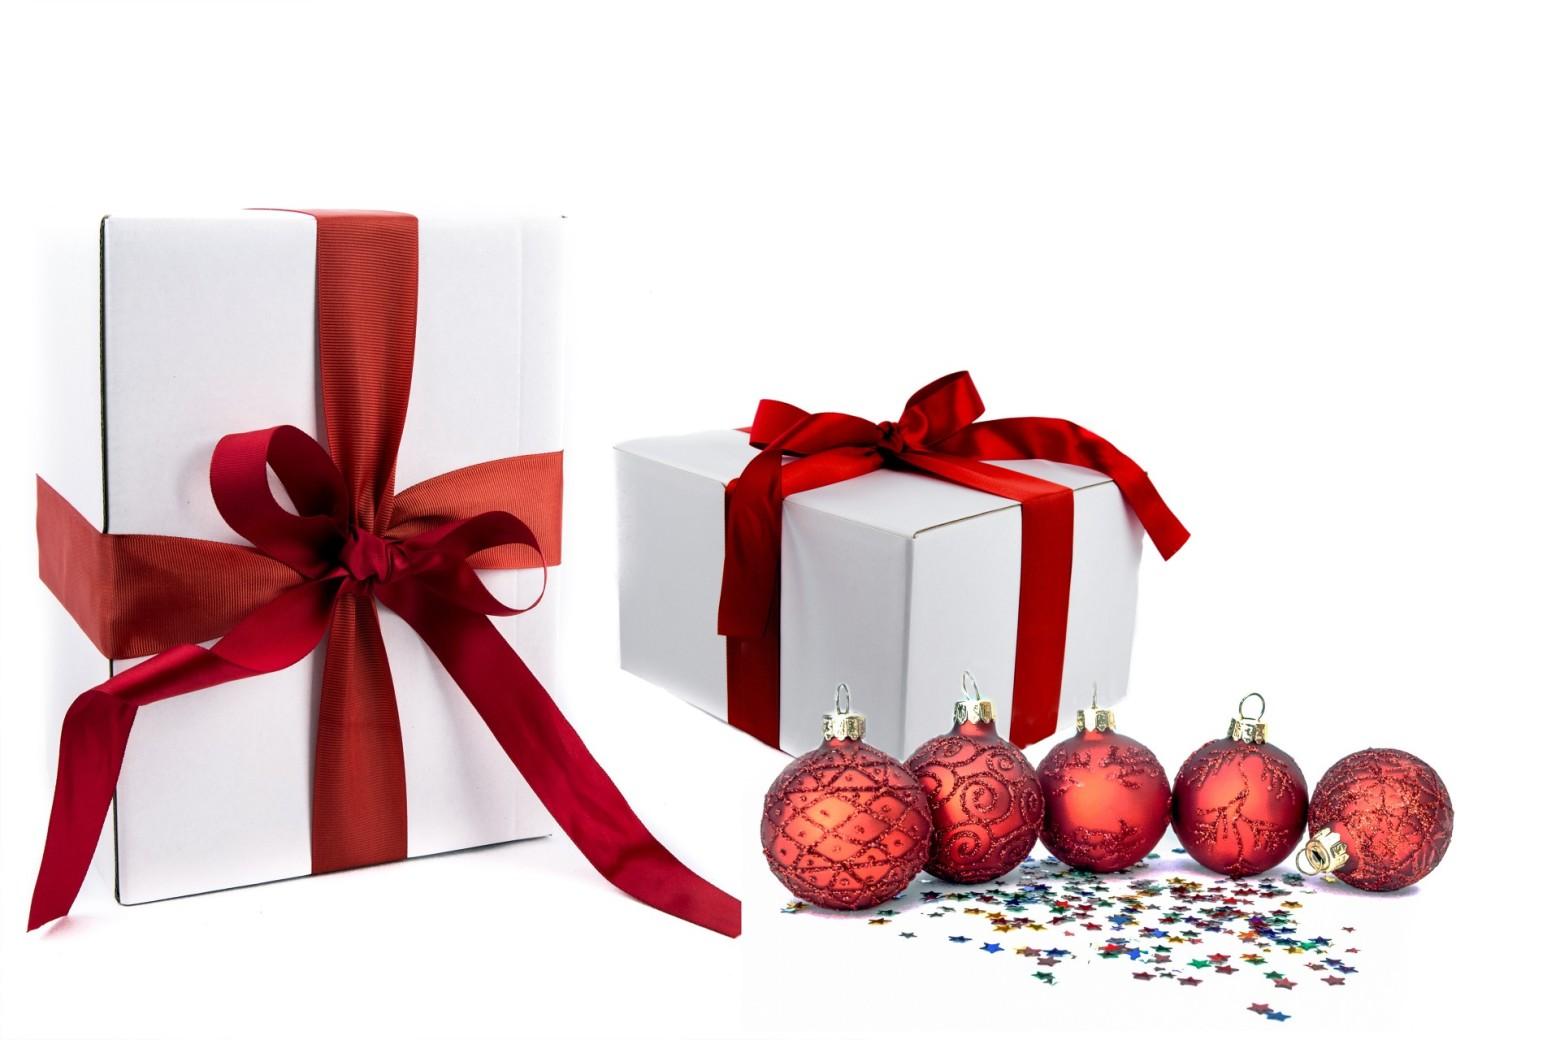 paquet cadeau de noel boules d coration photos gratuites images gratuites et libres de droits. Black Bedroom Furniture Sets. Home Design Ideas